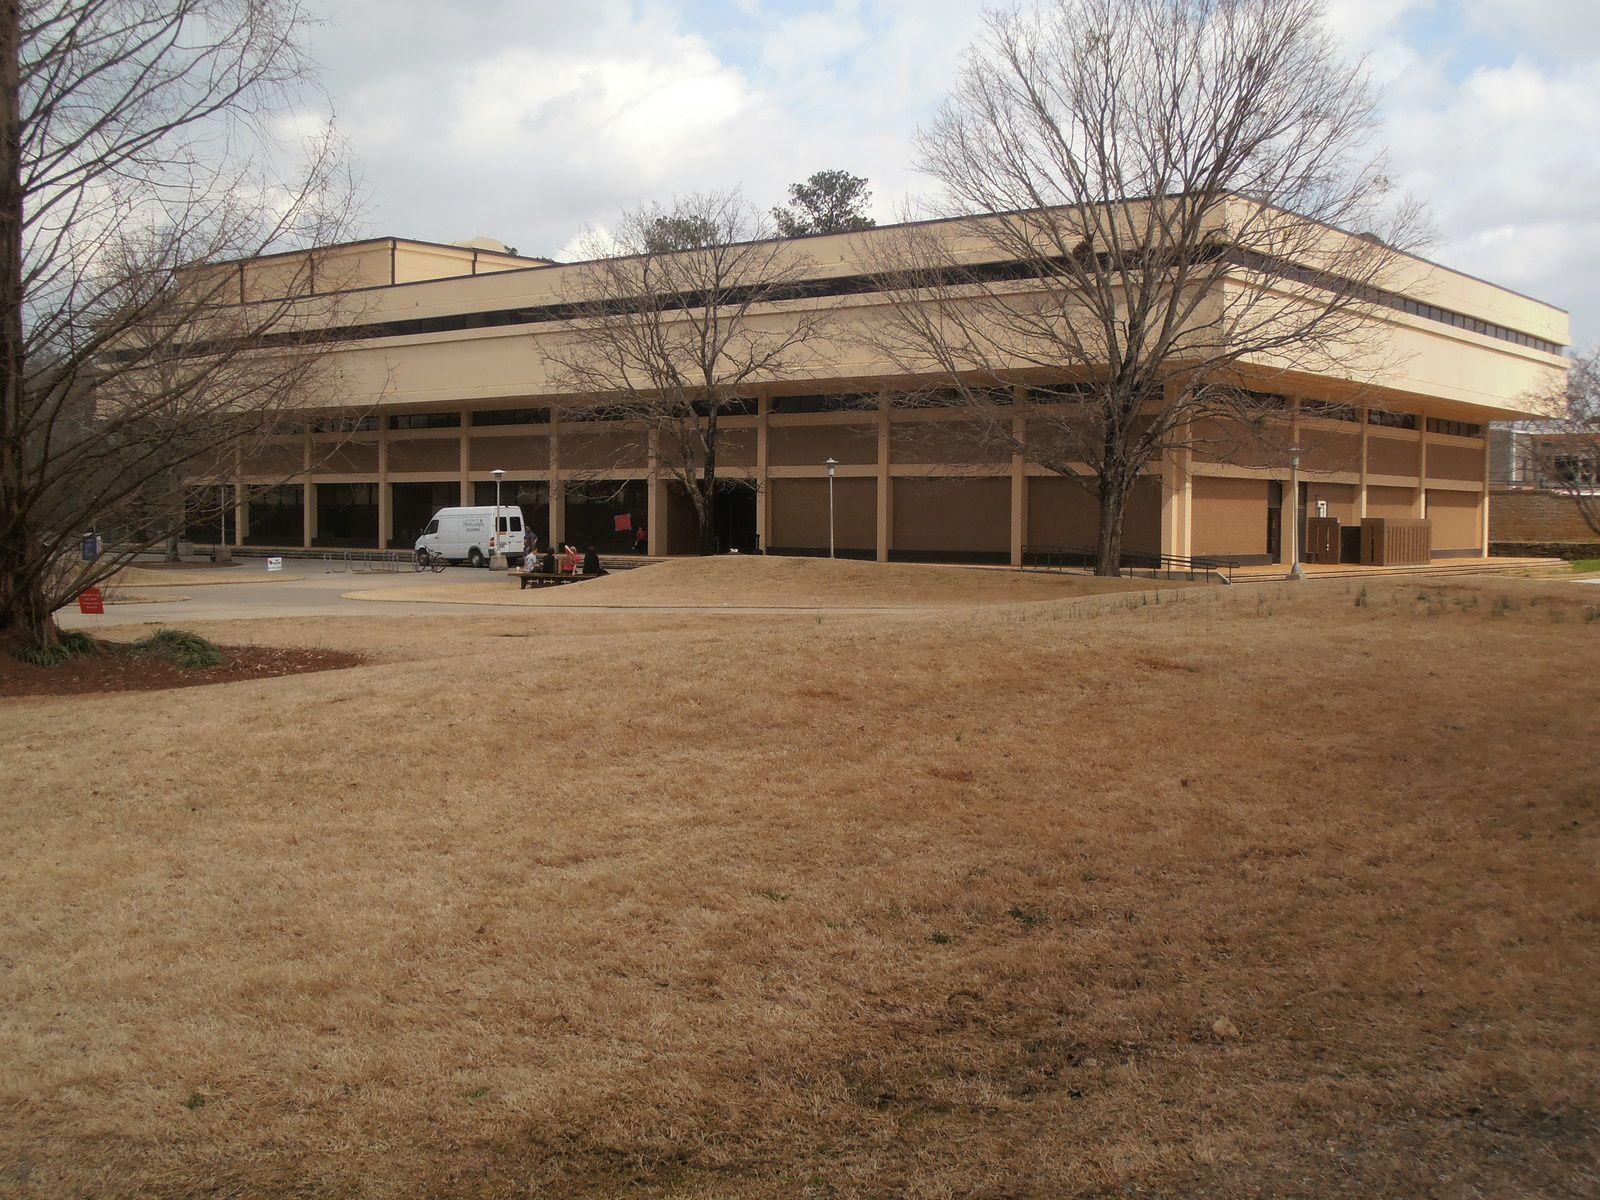 Les bâtiments d'enseignement sont un peu austères à l'extérieur mais très bien équipés à l'intérieur.